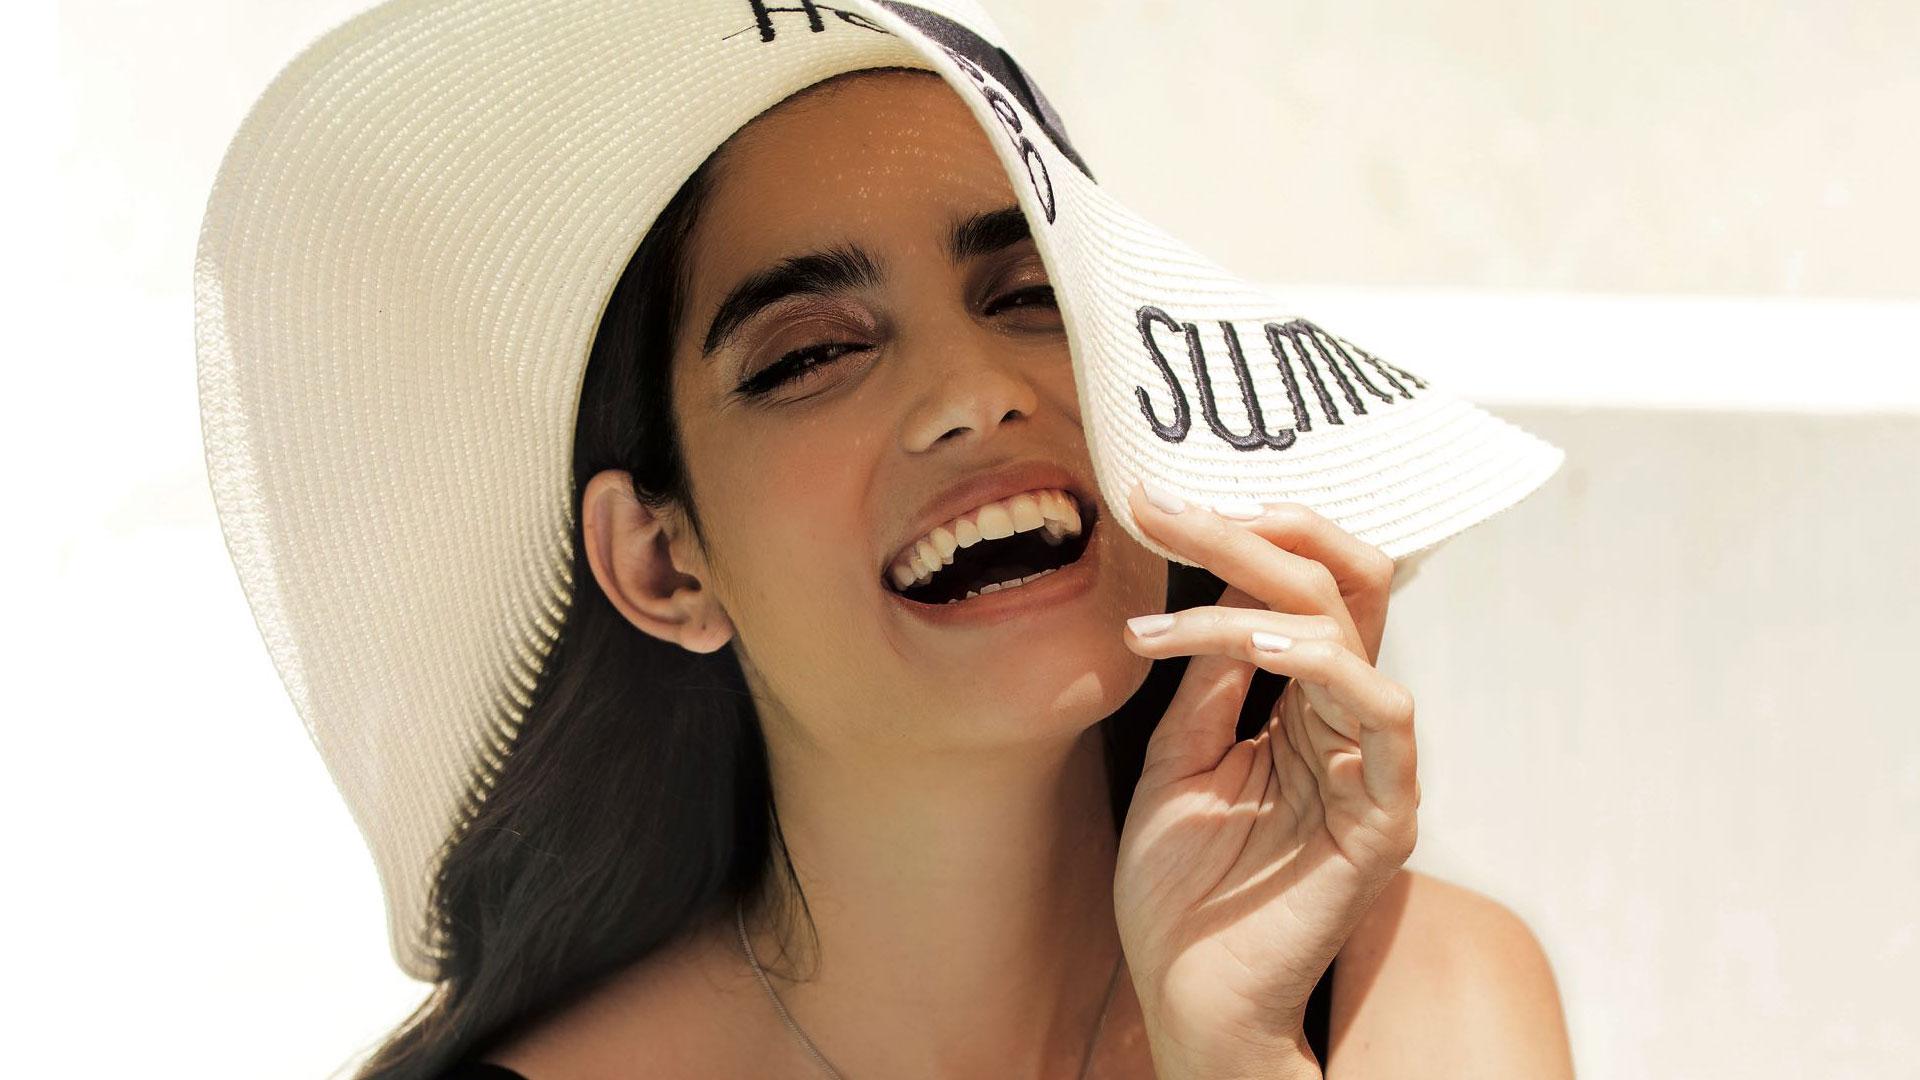 Además del protector solar se pueden reducir la exposición al sol, usar sombreros y ropa de manga larga Foto: Archivo